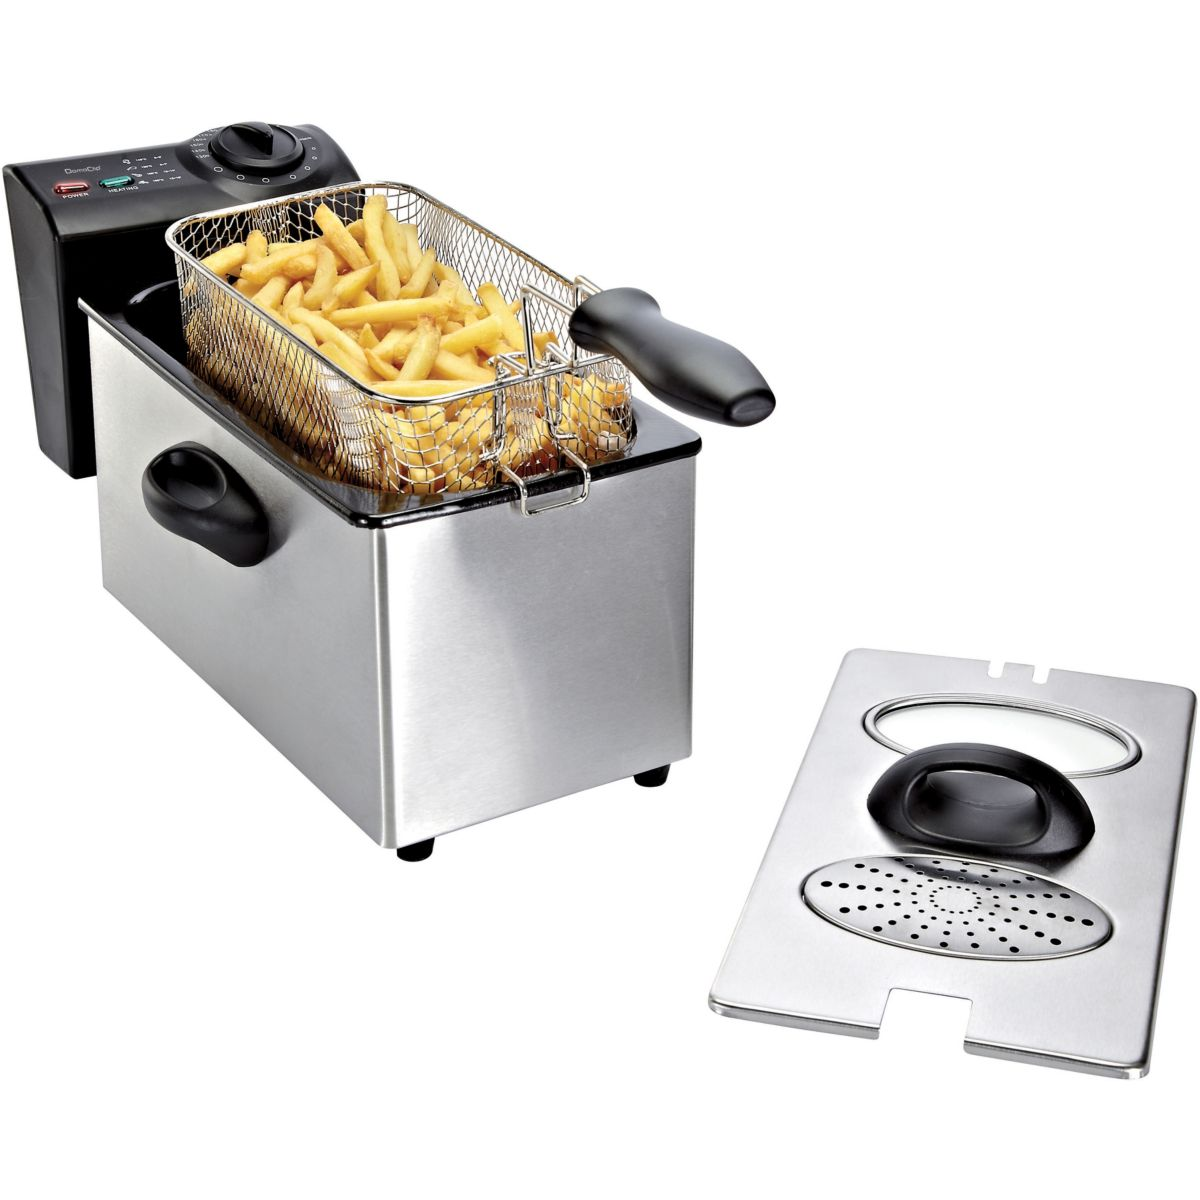 Friteuse profesionnelle achat vente de friteuse pas cher - Friteuse professionnelle pas cher ...